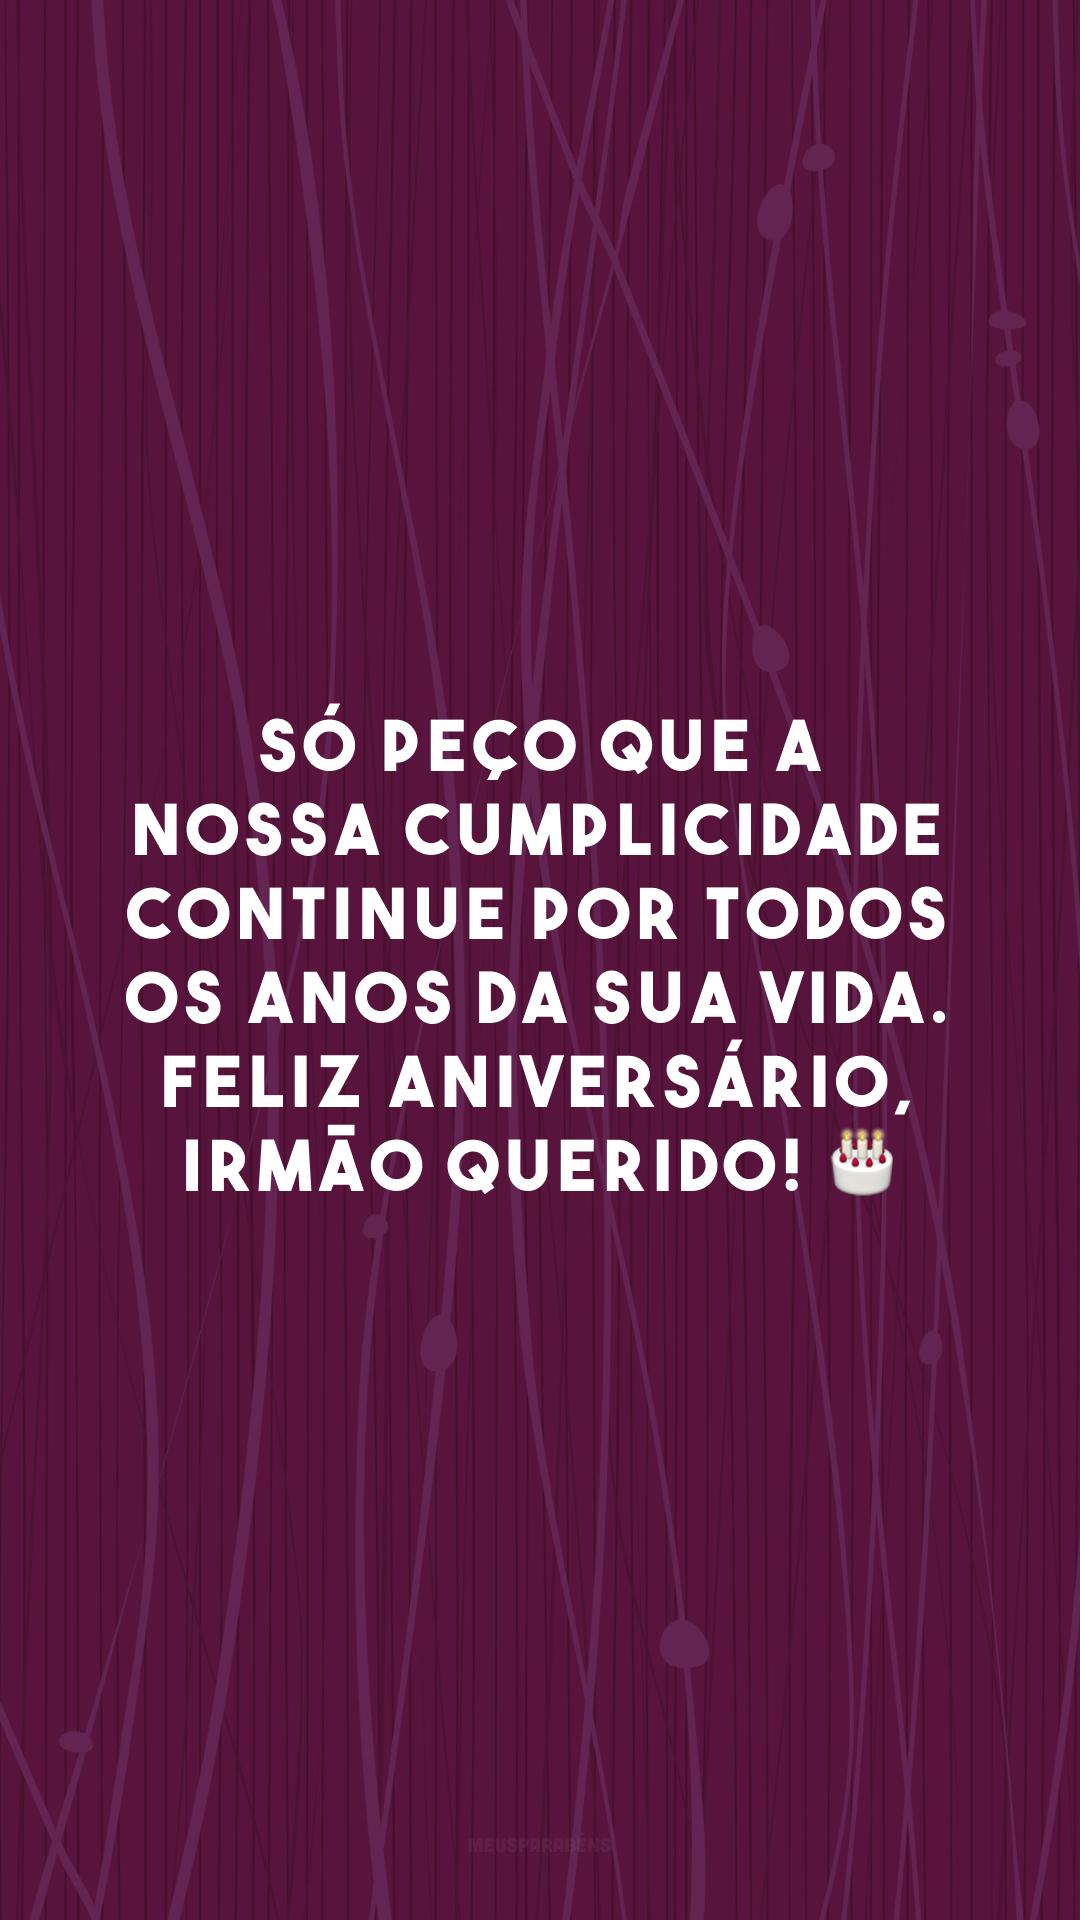 Só peço que a nossa cumplicidade continue por todos os anos da sua vida. Feliz aniversário, irmão querido! 🎂